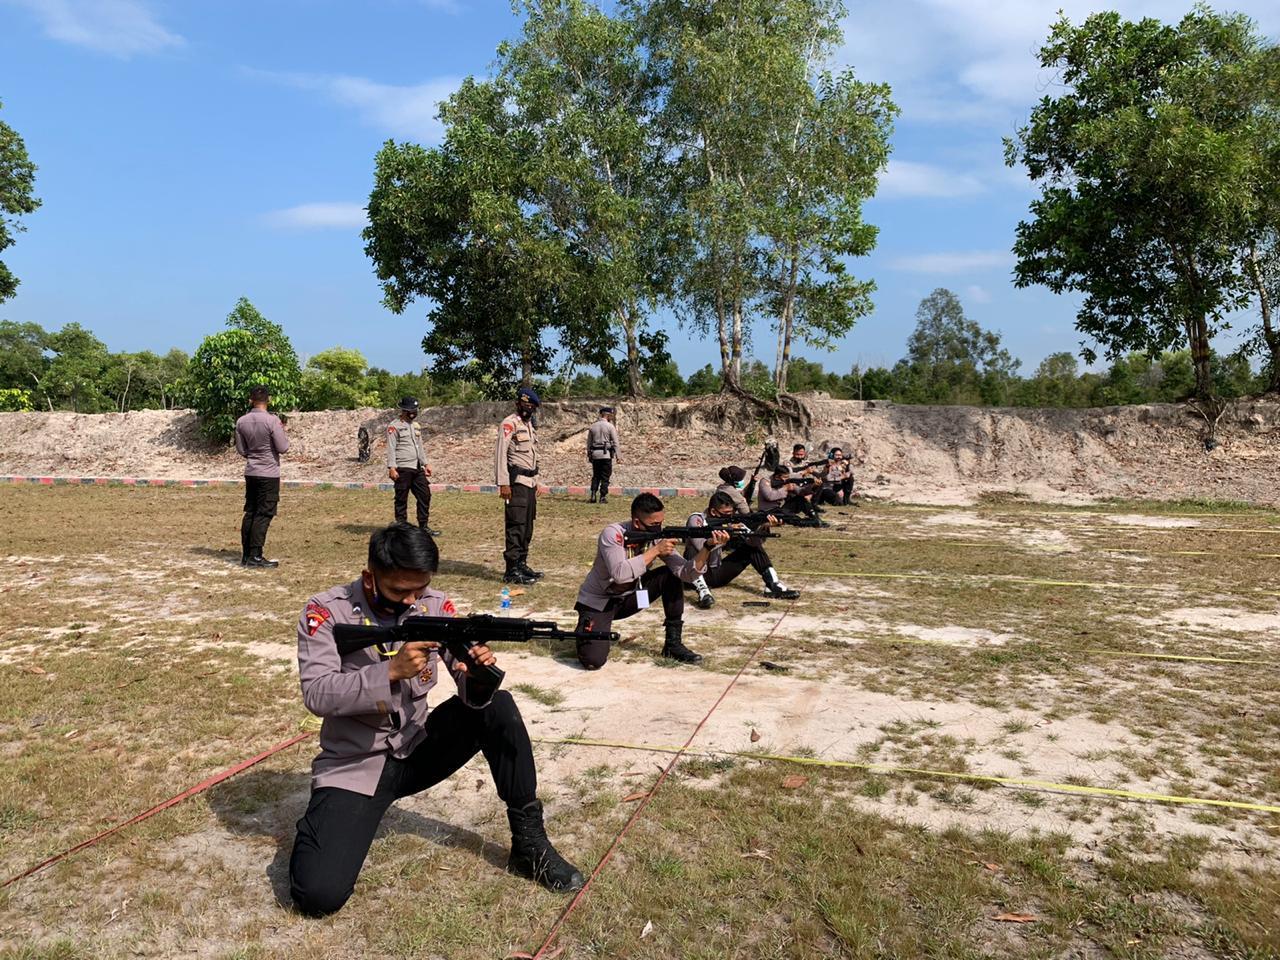 Peserta Seleksi Kontingen Satgas Garbha FPU 3 Minusca dan Kontingen Satgas Garbha II FPU 13 Unamid 2020 Jalani Tes Menembak